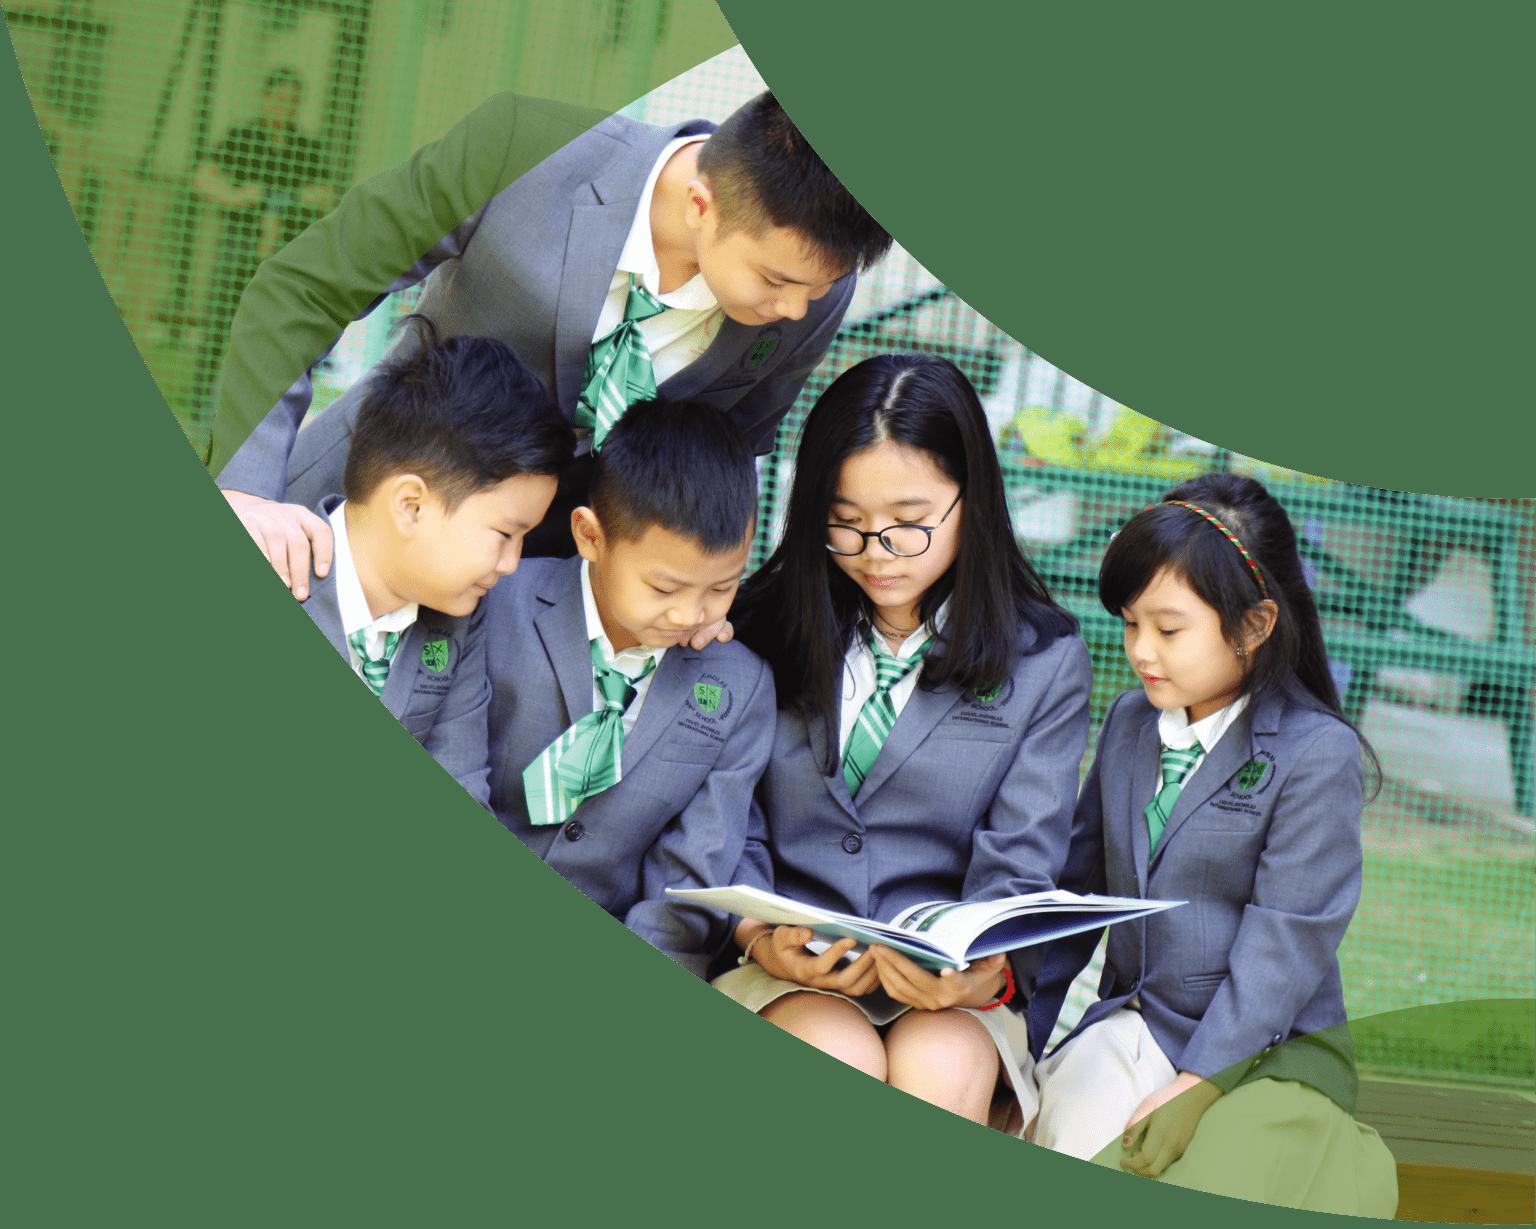 trường quốc tế ở Đà Nẵng